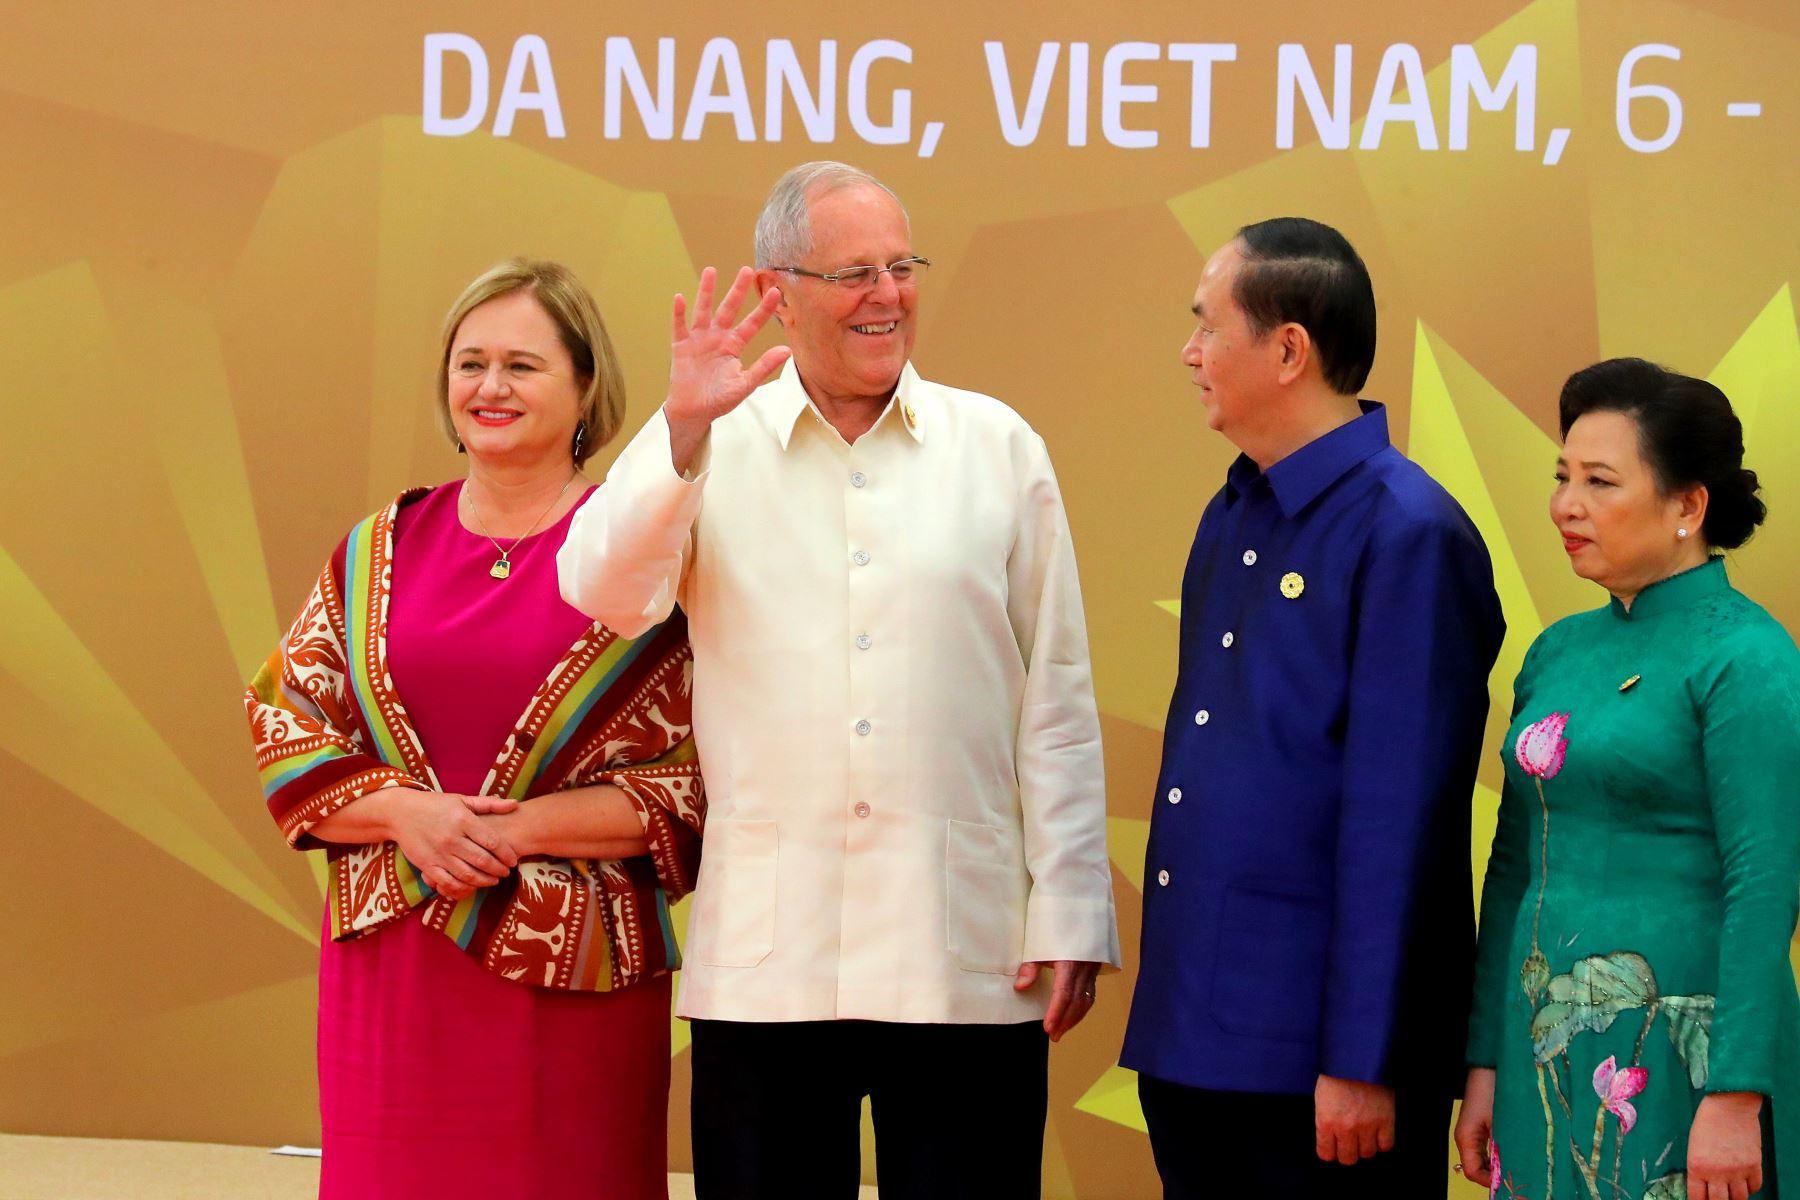 Bienvenida Oficial a los líderes de APEC y Esposas, a cargo del líder Vietnamita, Than Dai Quang y su esposa. Foto: ANDINA/Prensa Presidencia